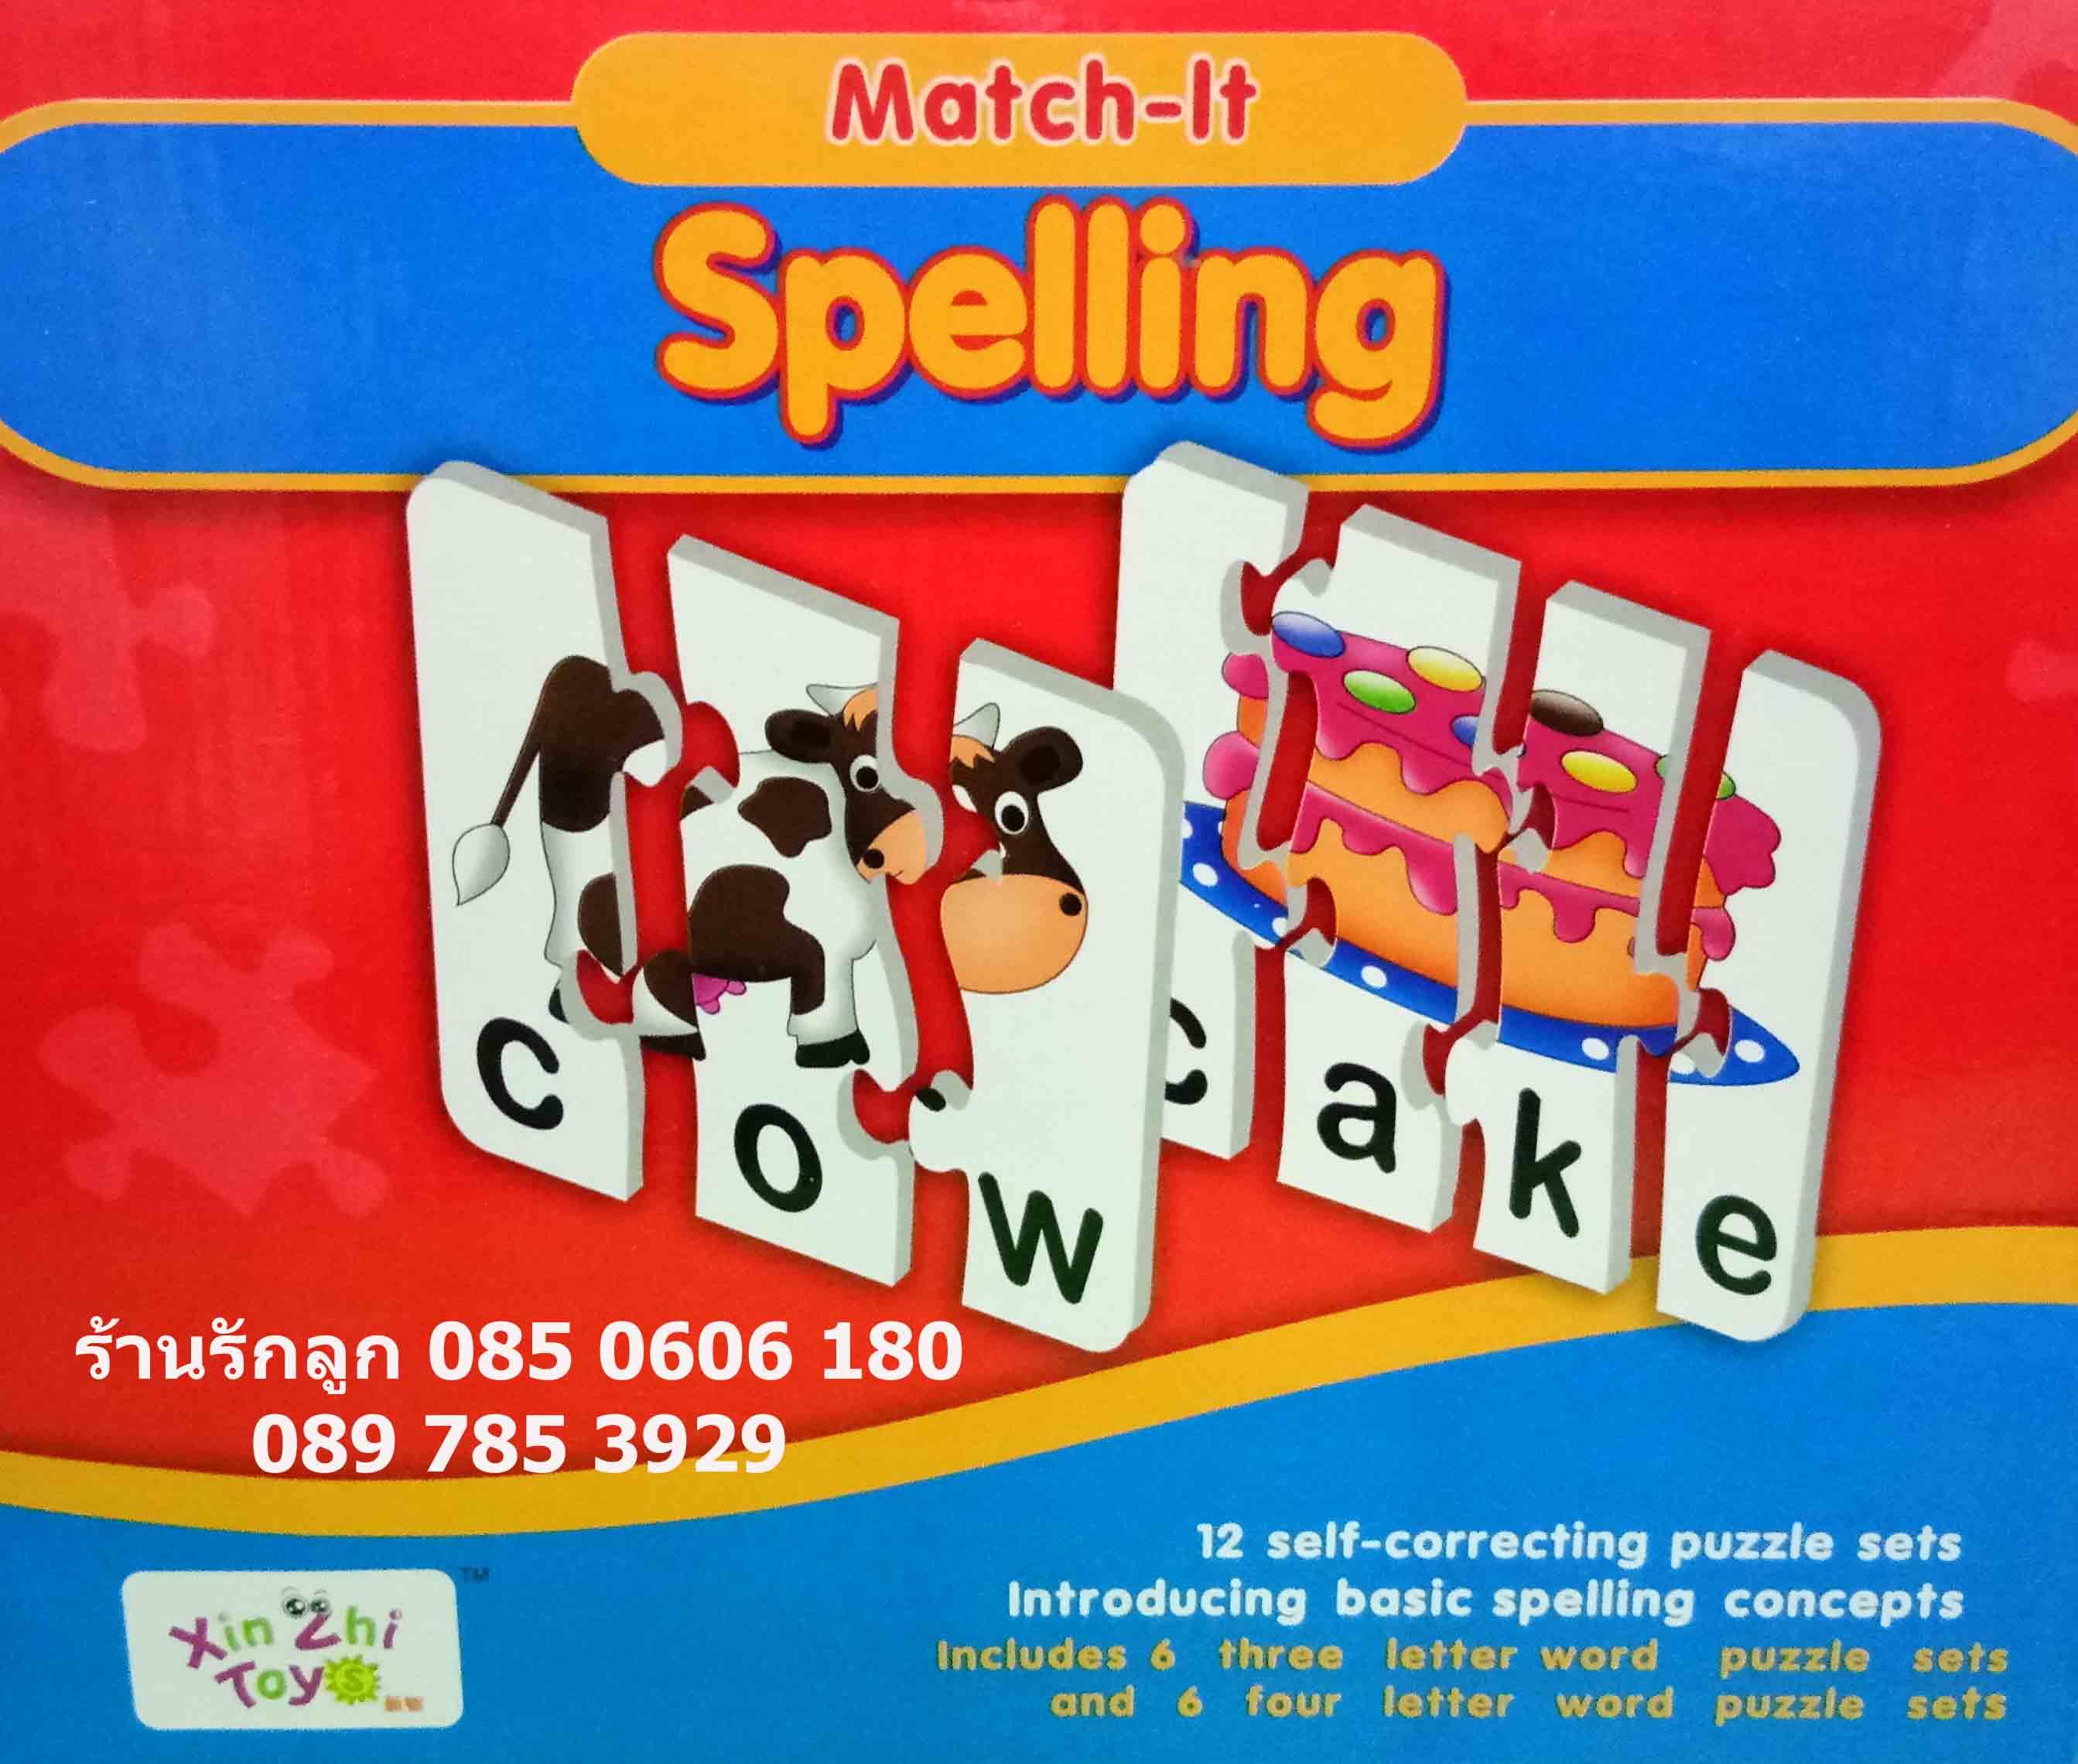 จิ๊กซอว์Match It Spelling จับคู่คำศัพท์ภาษาอังกฤษ